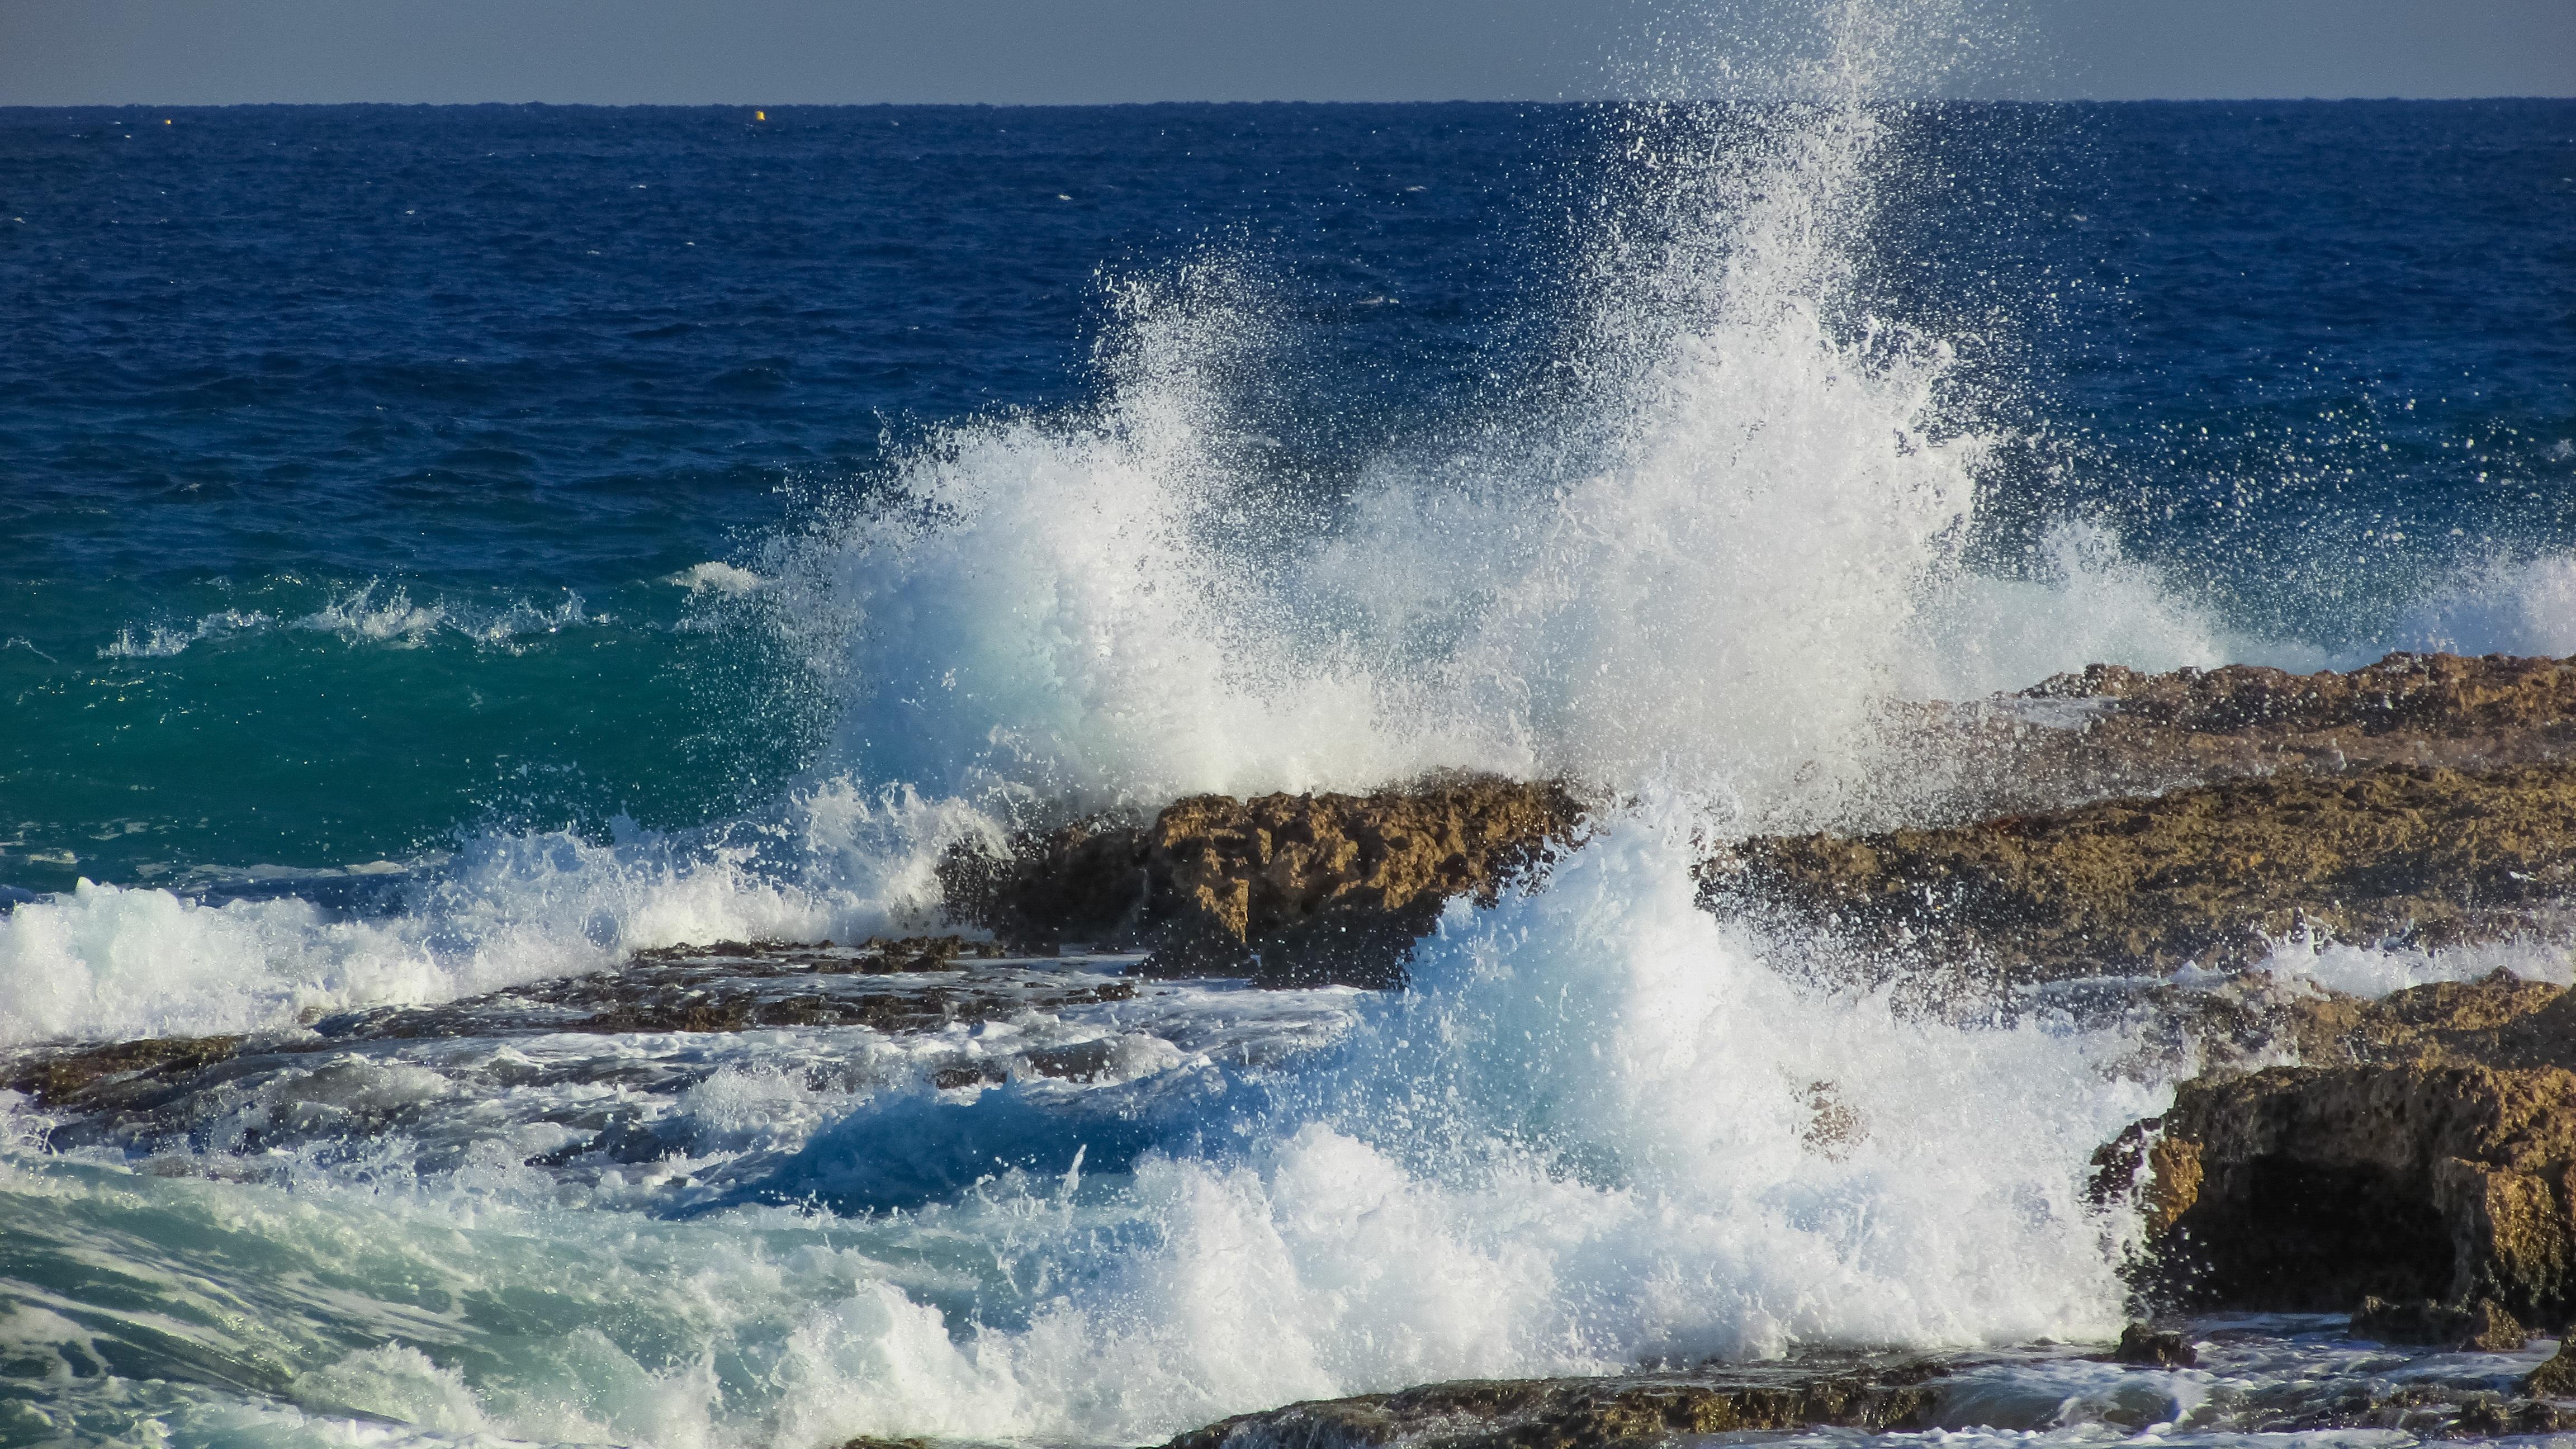 Gambar Laut Alam Batu Lautan Putih Gelombang Angin